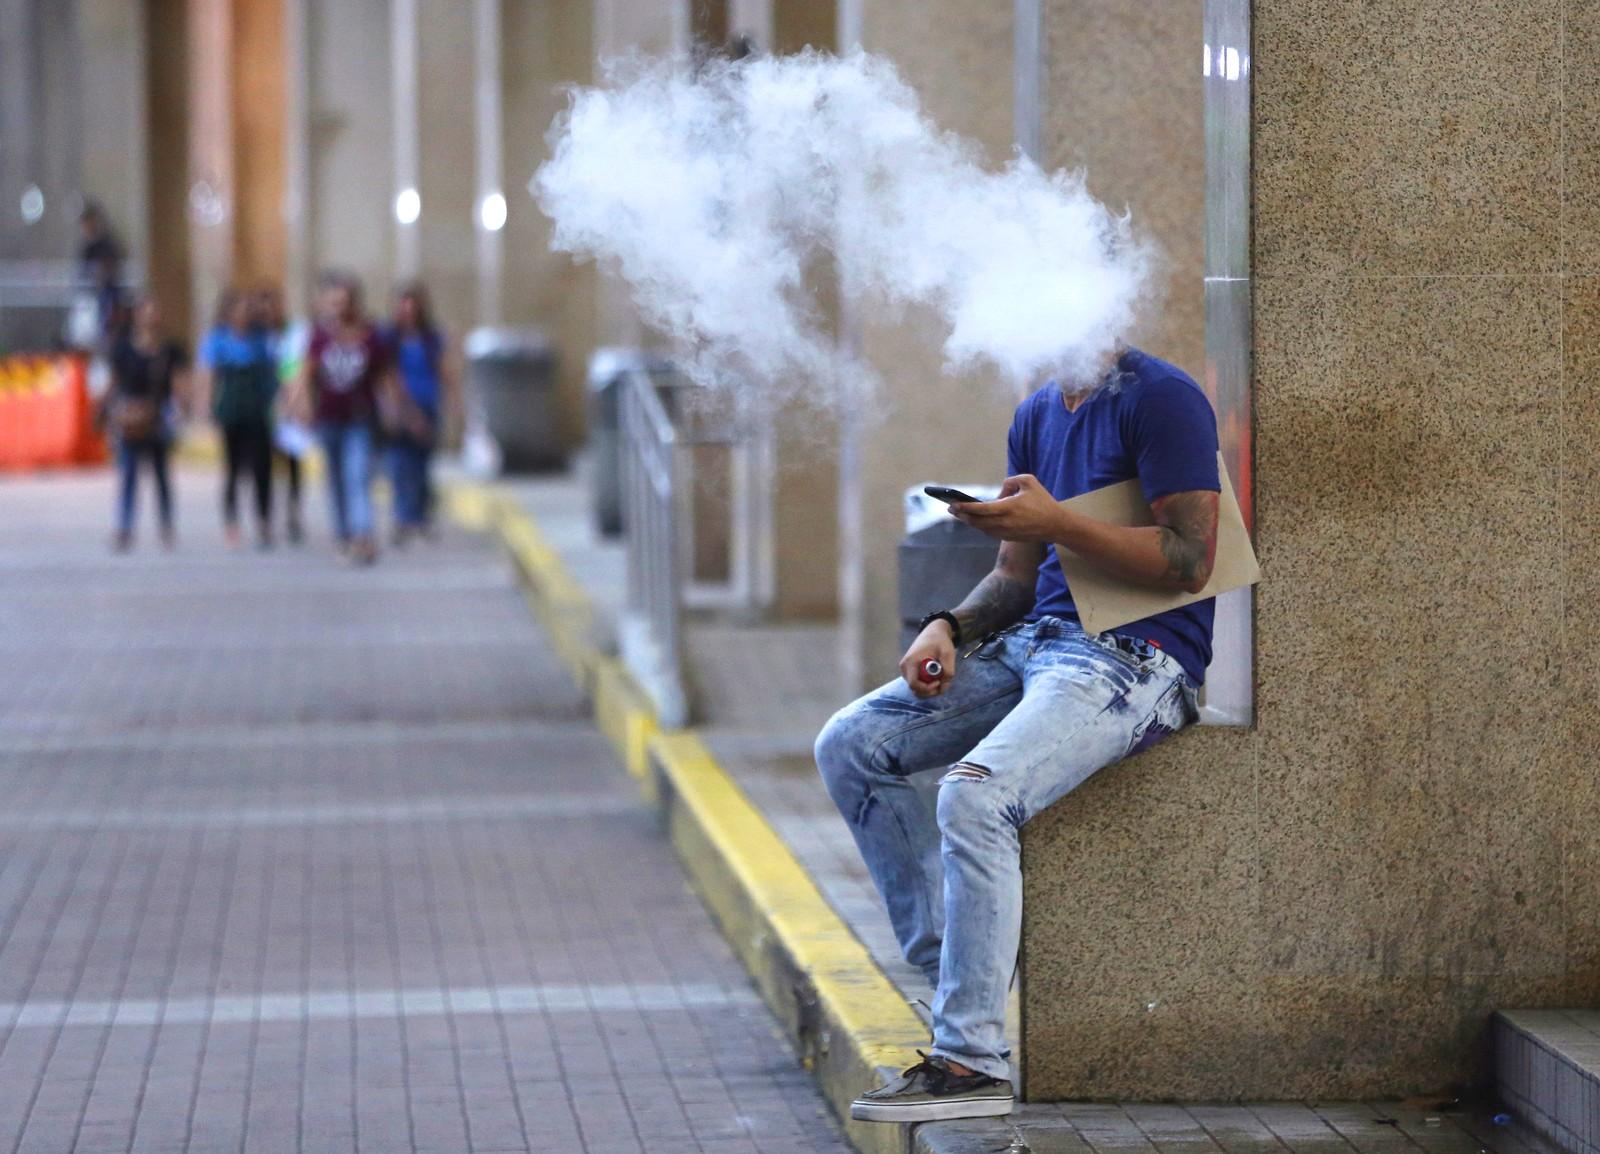 Filippinenes president, Rodrigo Duterte, innfører røykeforbud på alle offentlige plasser. Forbudet skal gjelde både utendørs og innendørs. Denne mannen bruker en elektronisk sigarett. De skal forbys.